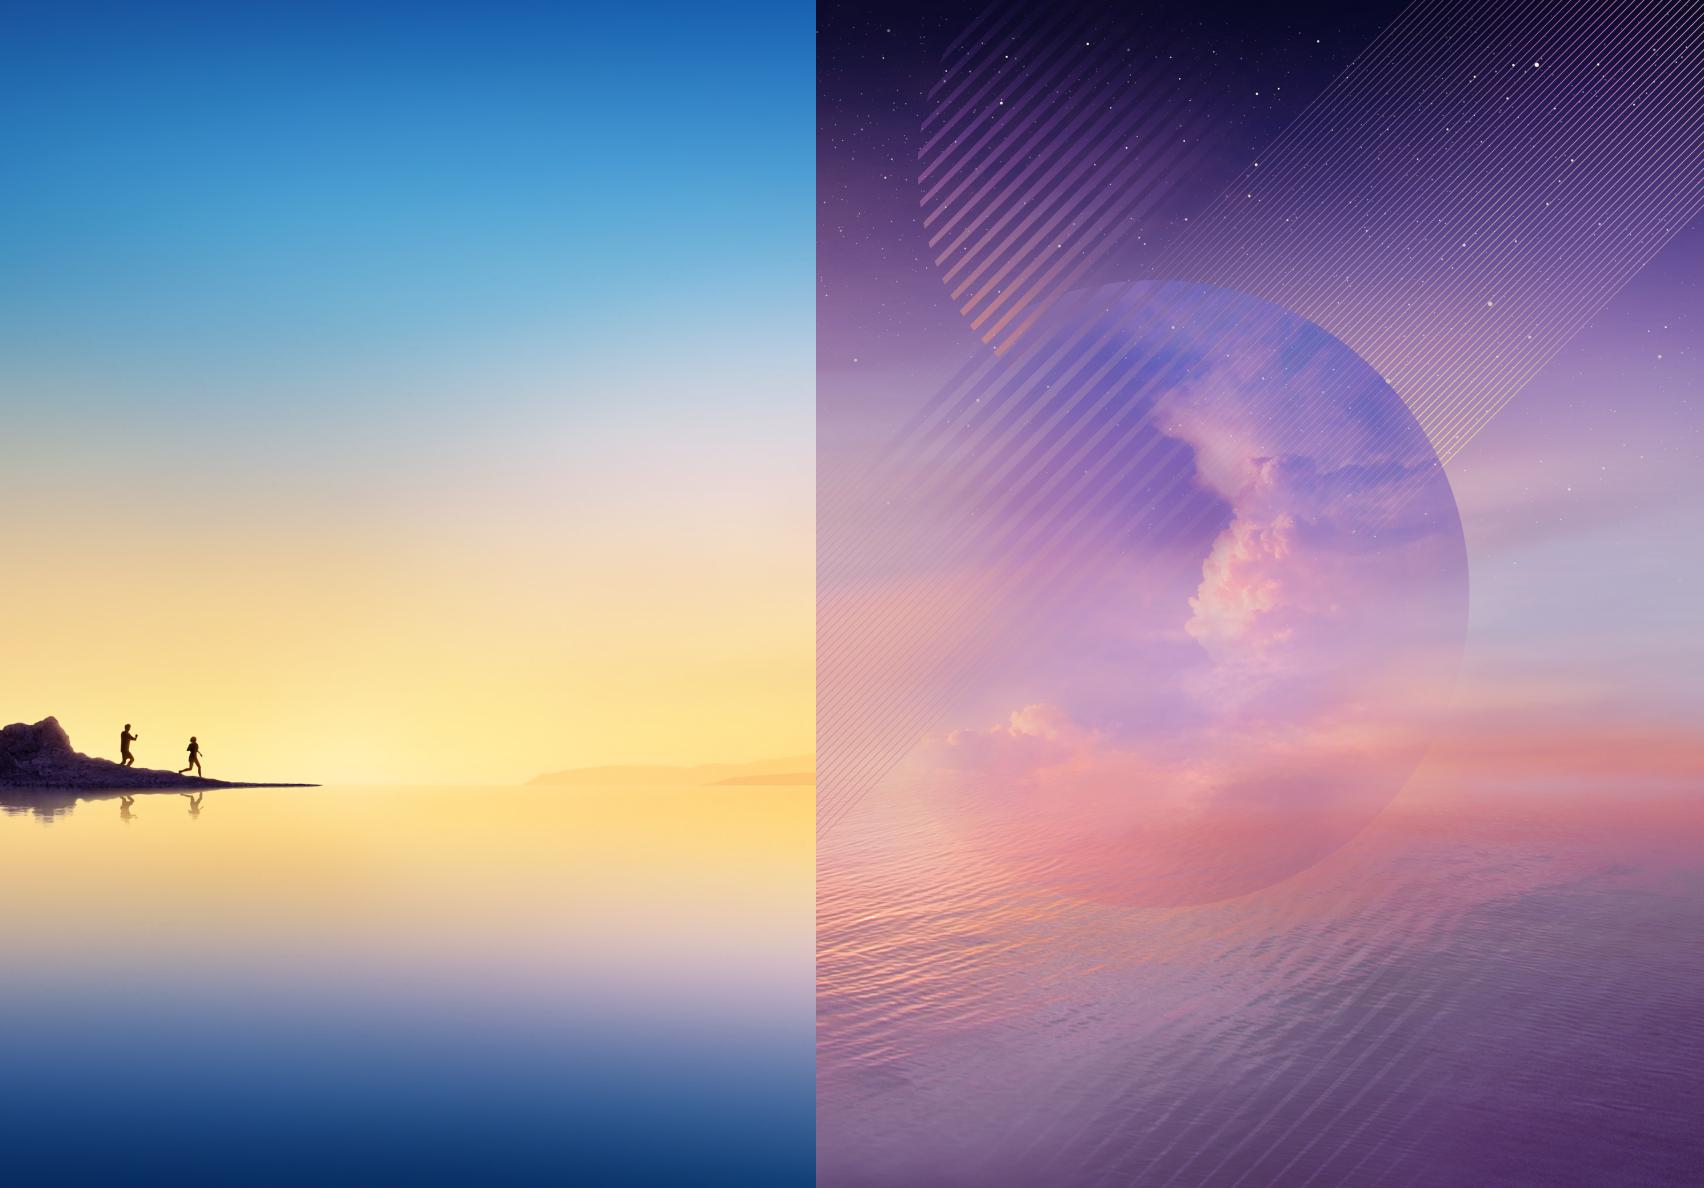 Pubg Wallpaper For Note 8: Samsung Galaxy Note 8: Link Al Download Per Gli Wallpaper